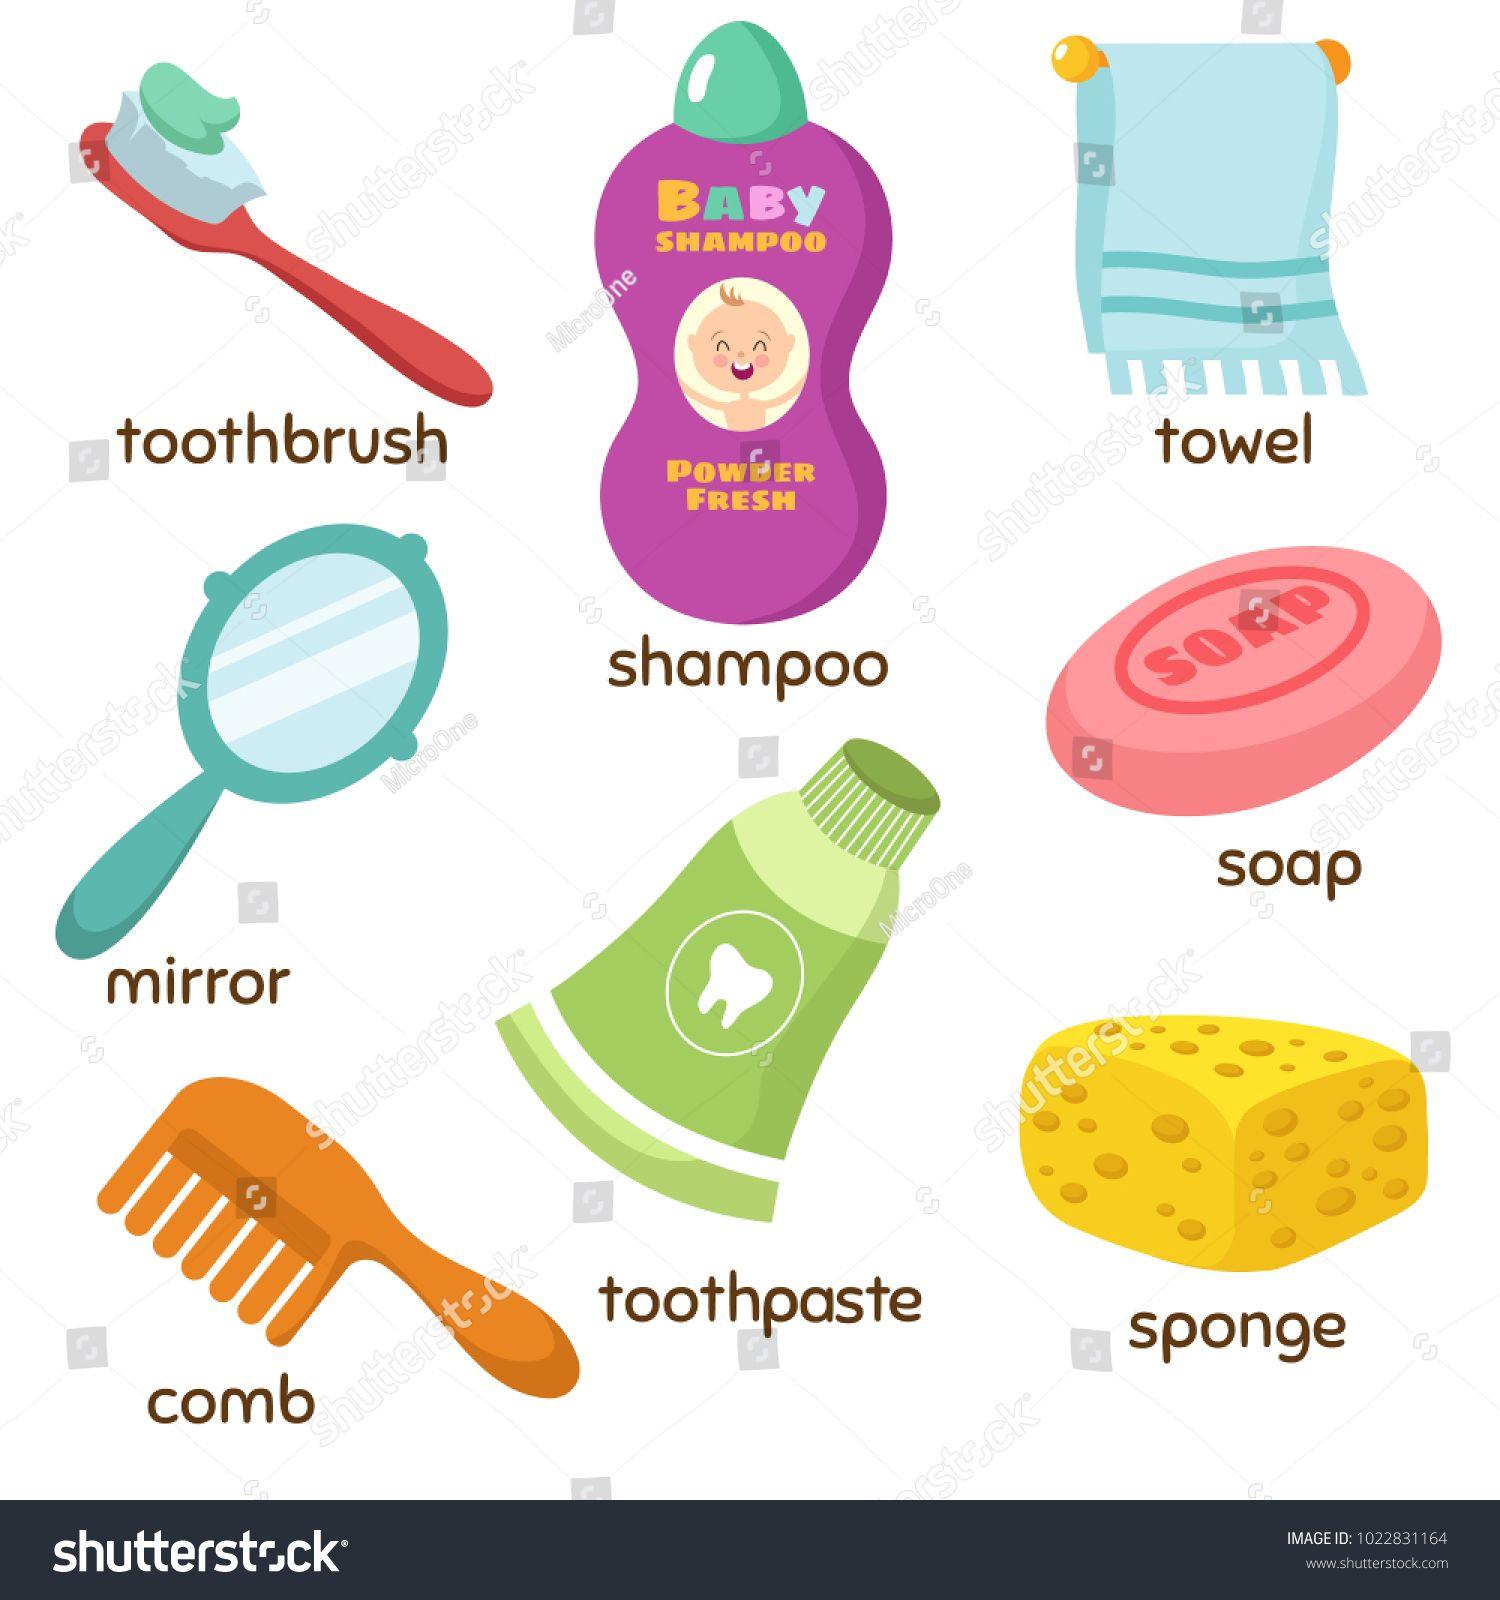 Cartoon Bathroom Accessories Vocabulary Vector Icons Mirror